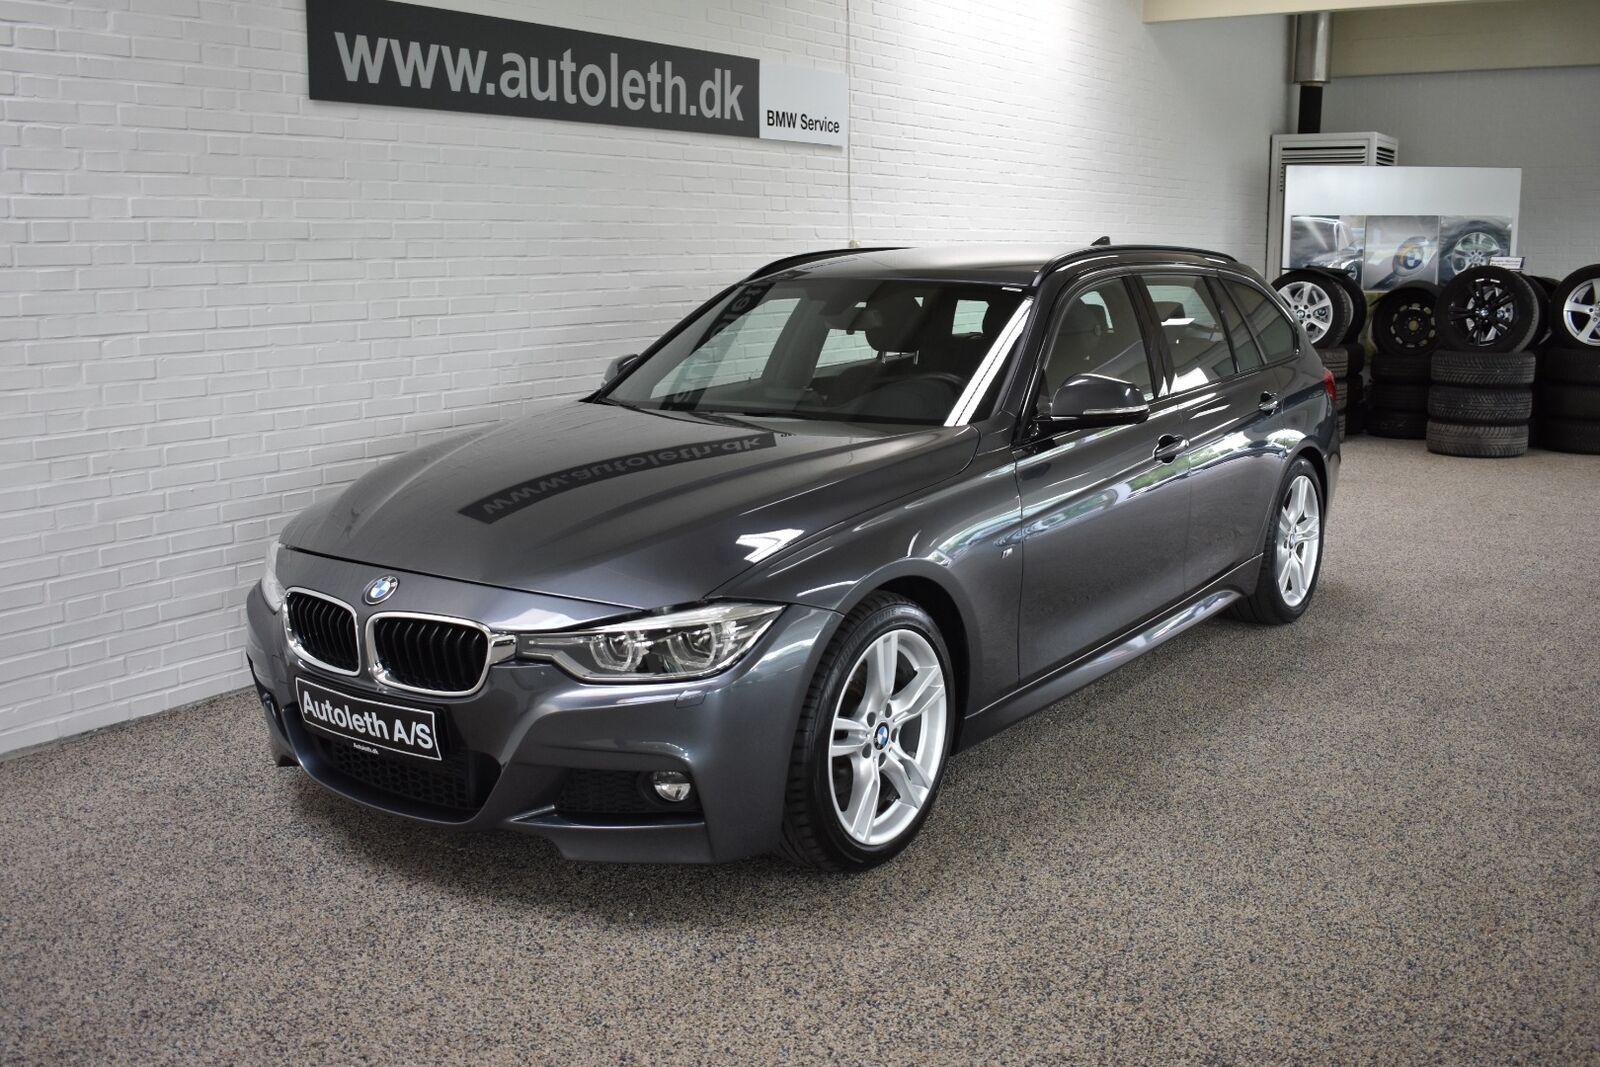 BMW 320d 2,0 Touring M-Sport aut. 5d - 359.900 kr.